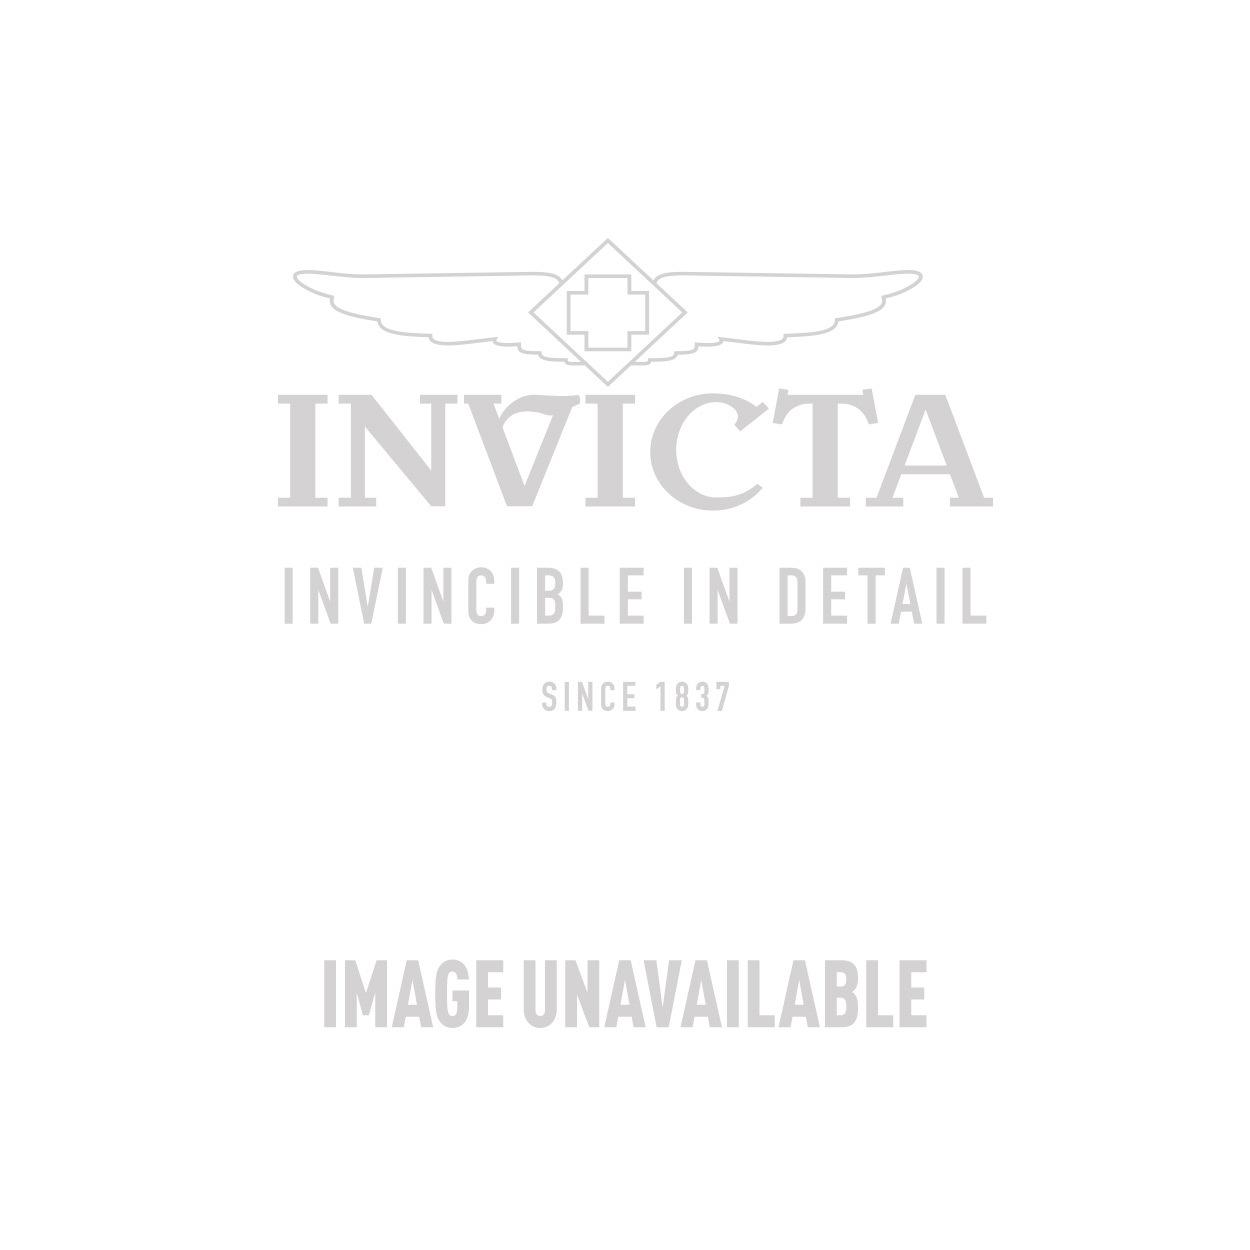 Invicta 0857